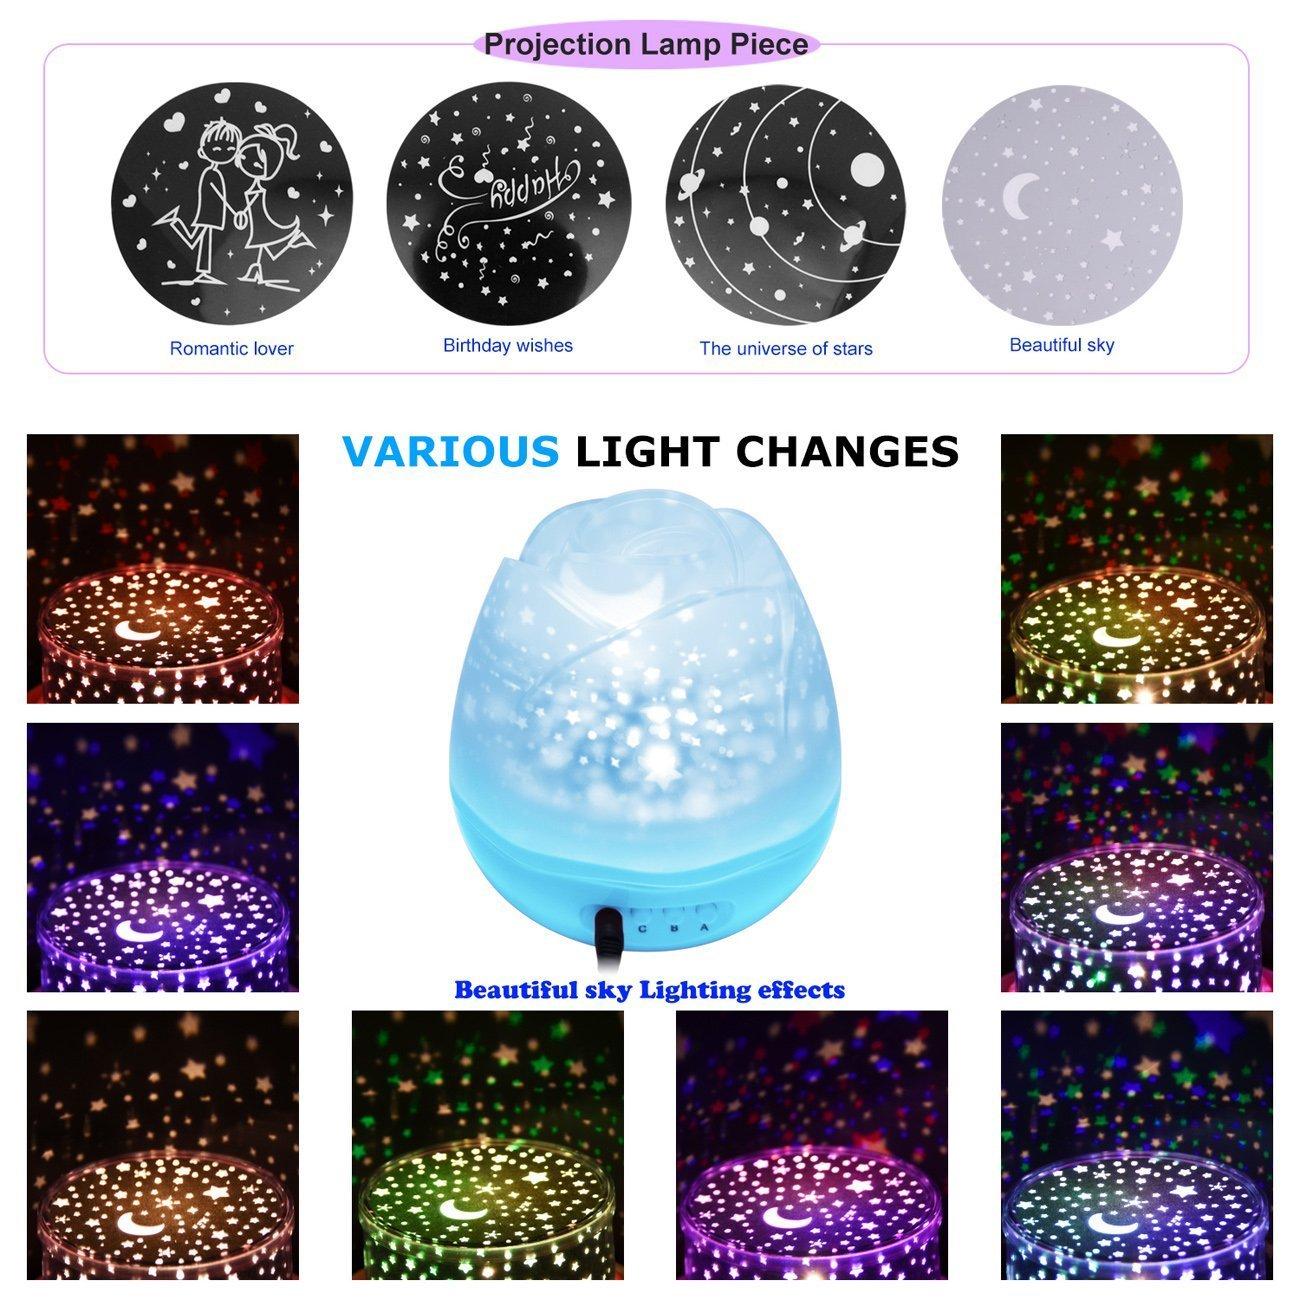 Liebhaber Blau Baby SUAVER Rosebud 360 Grad Romantische Stern LED Nachtlicht Mond Lampe Projektionslampe Schlafzimmer Rose Nachtlicht f/ür Kinder